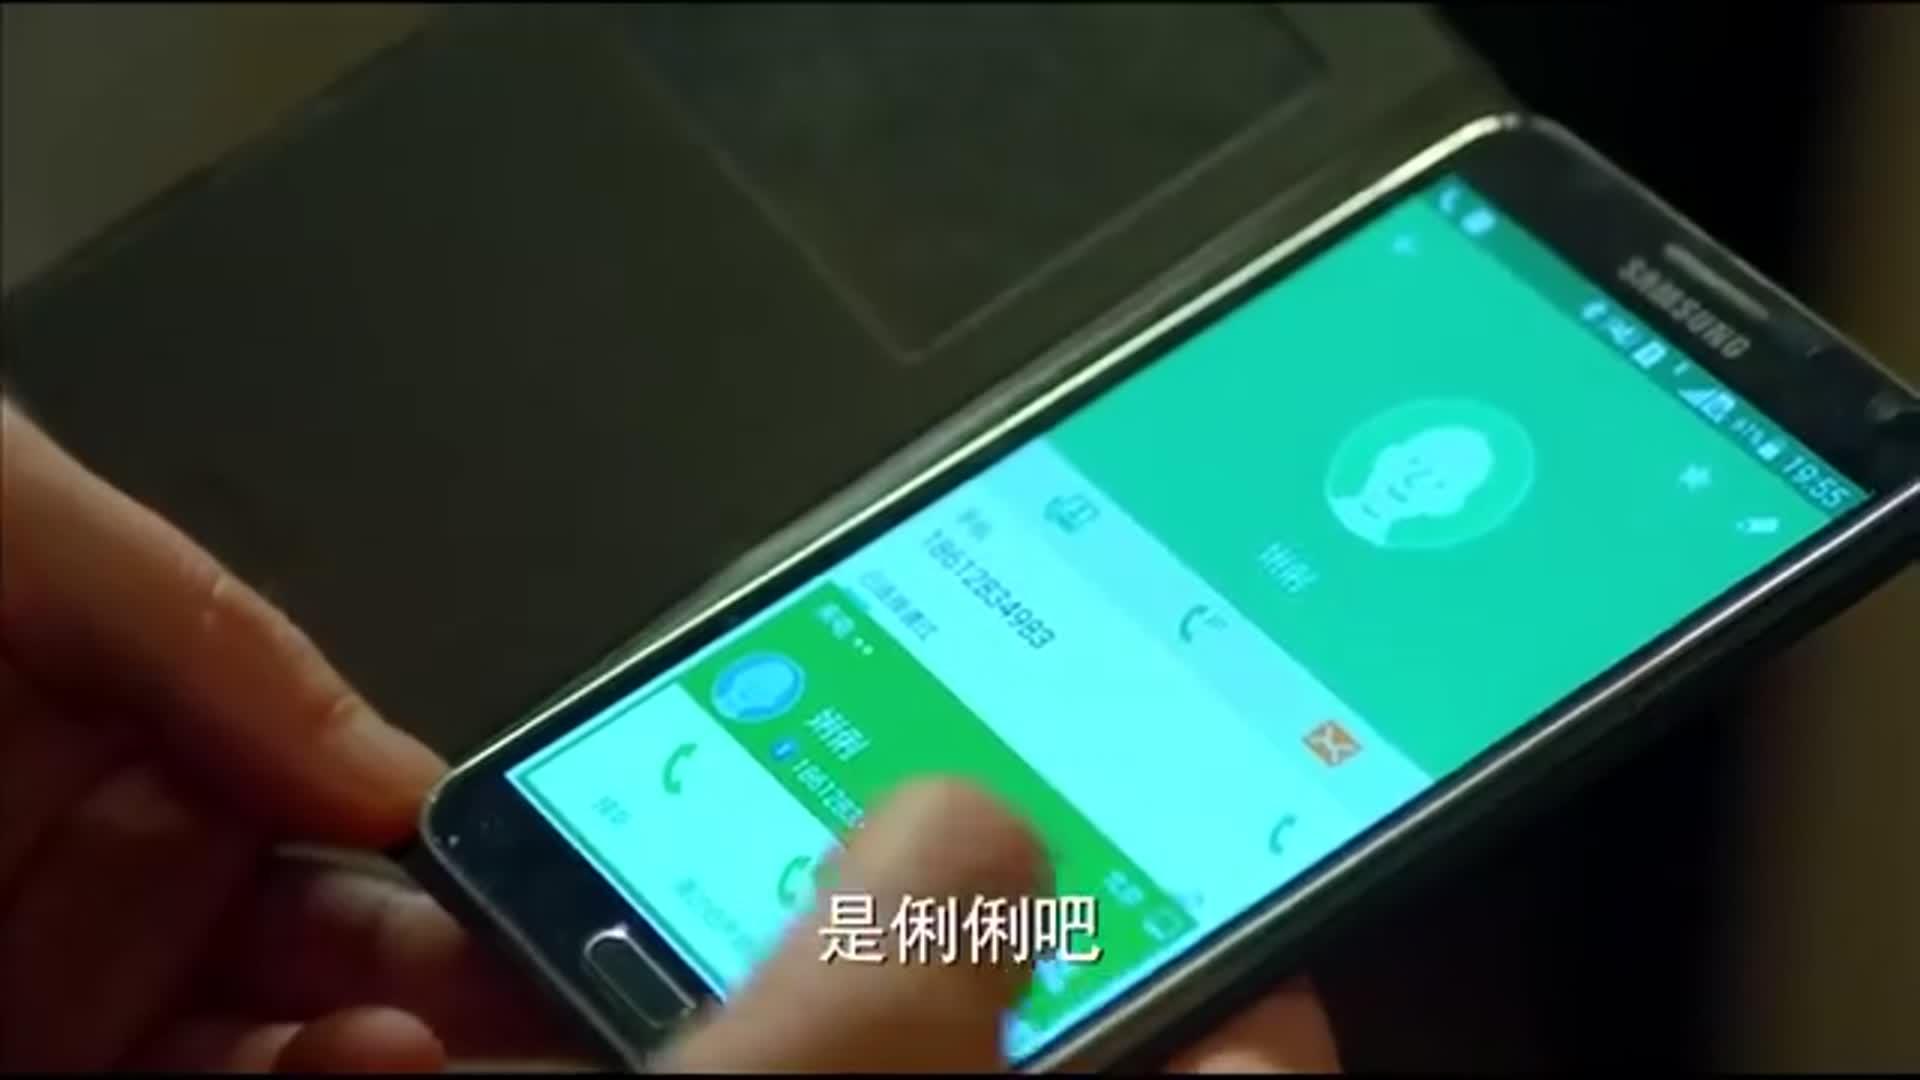 中国式关系:前妻无家可归,前夫大方给她腾房,前妻感动到哭